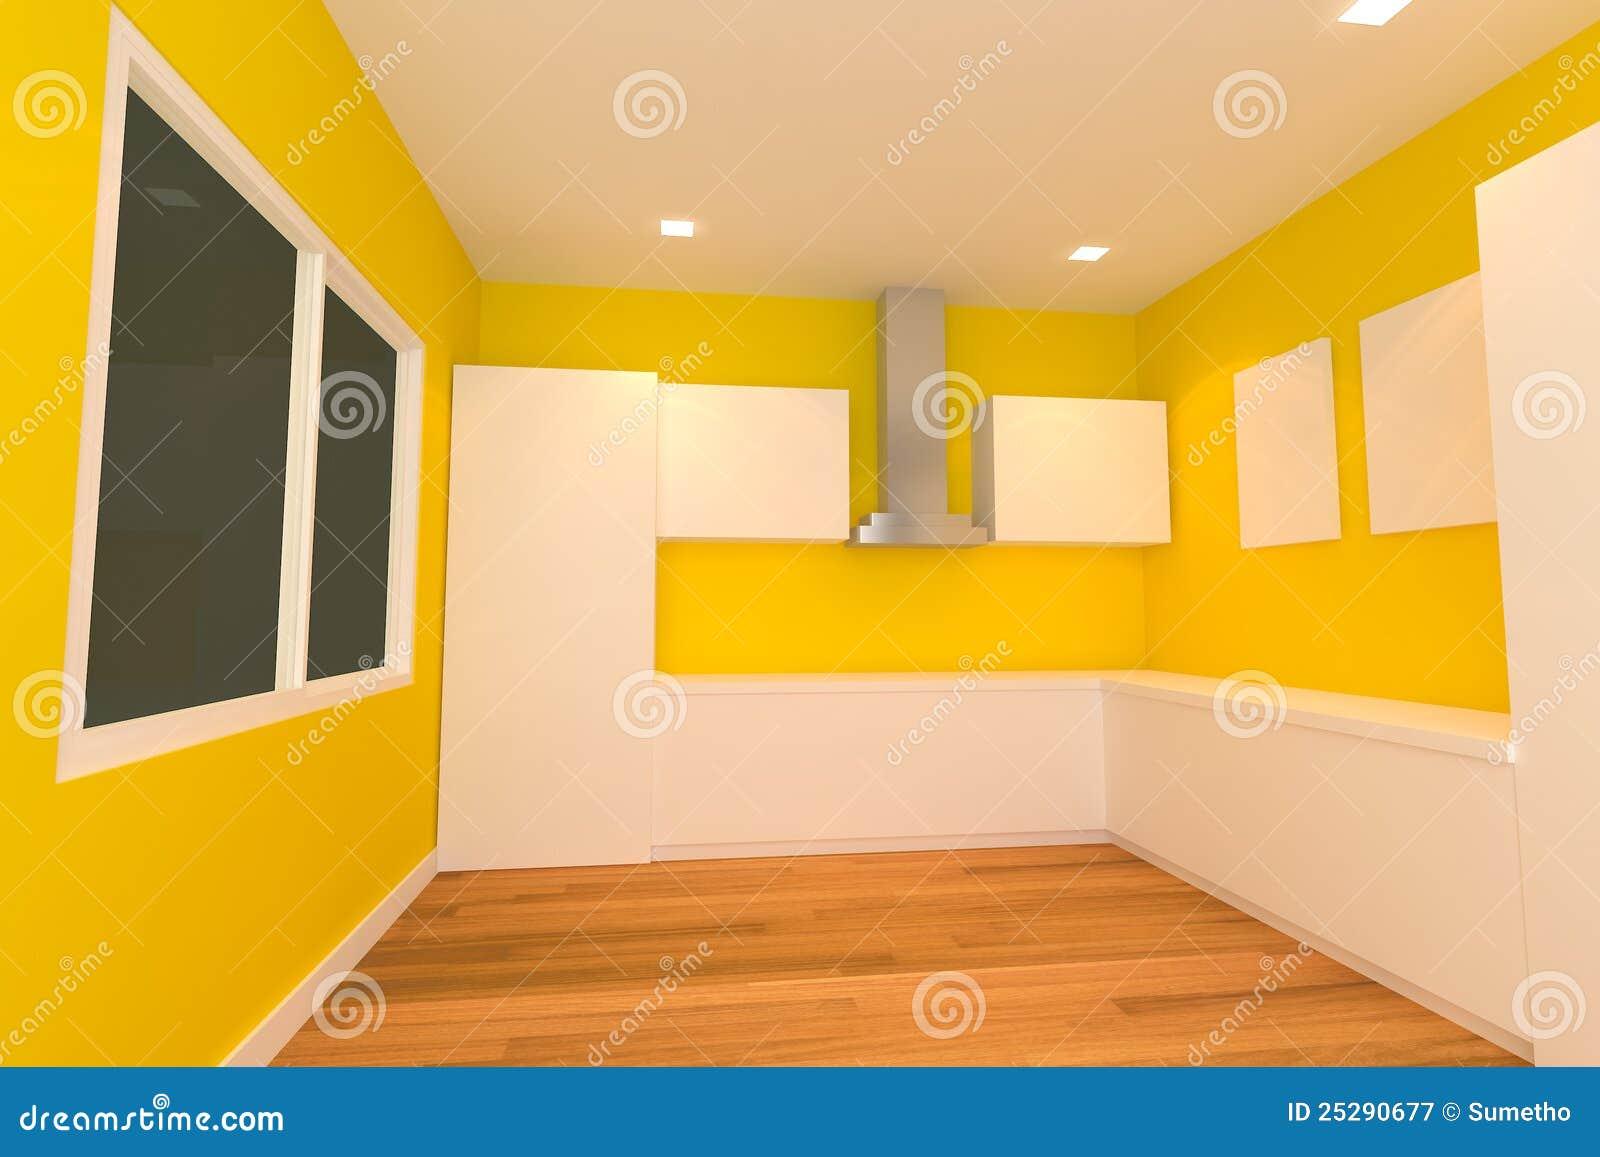 Parete Bordeaux E Gialla: Ripresa dalla parete gialla dietro al ...